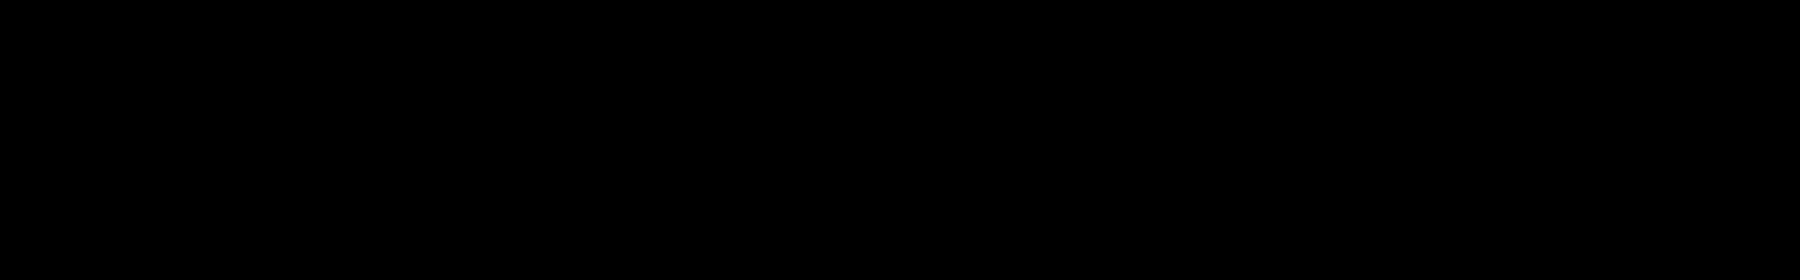 Serum: Dubstep Onslaught audio waveform